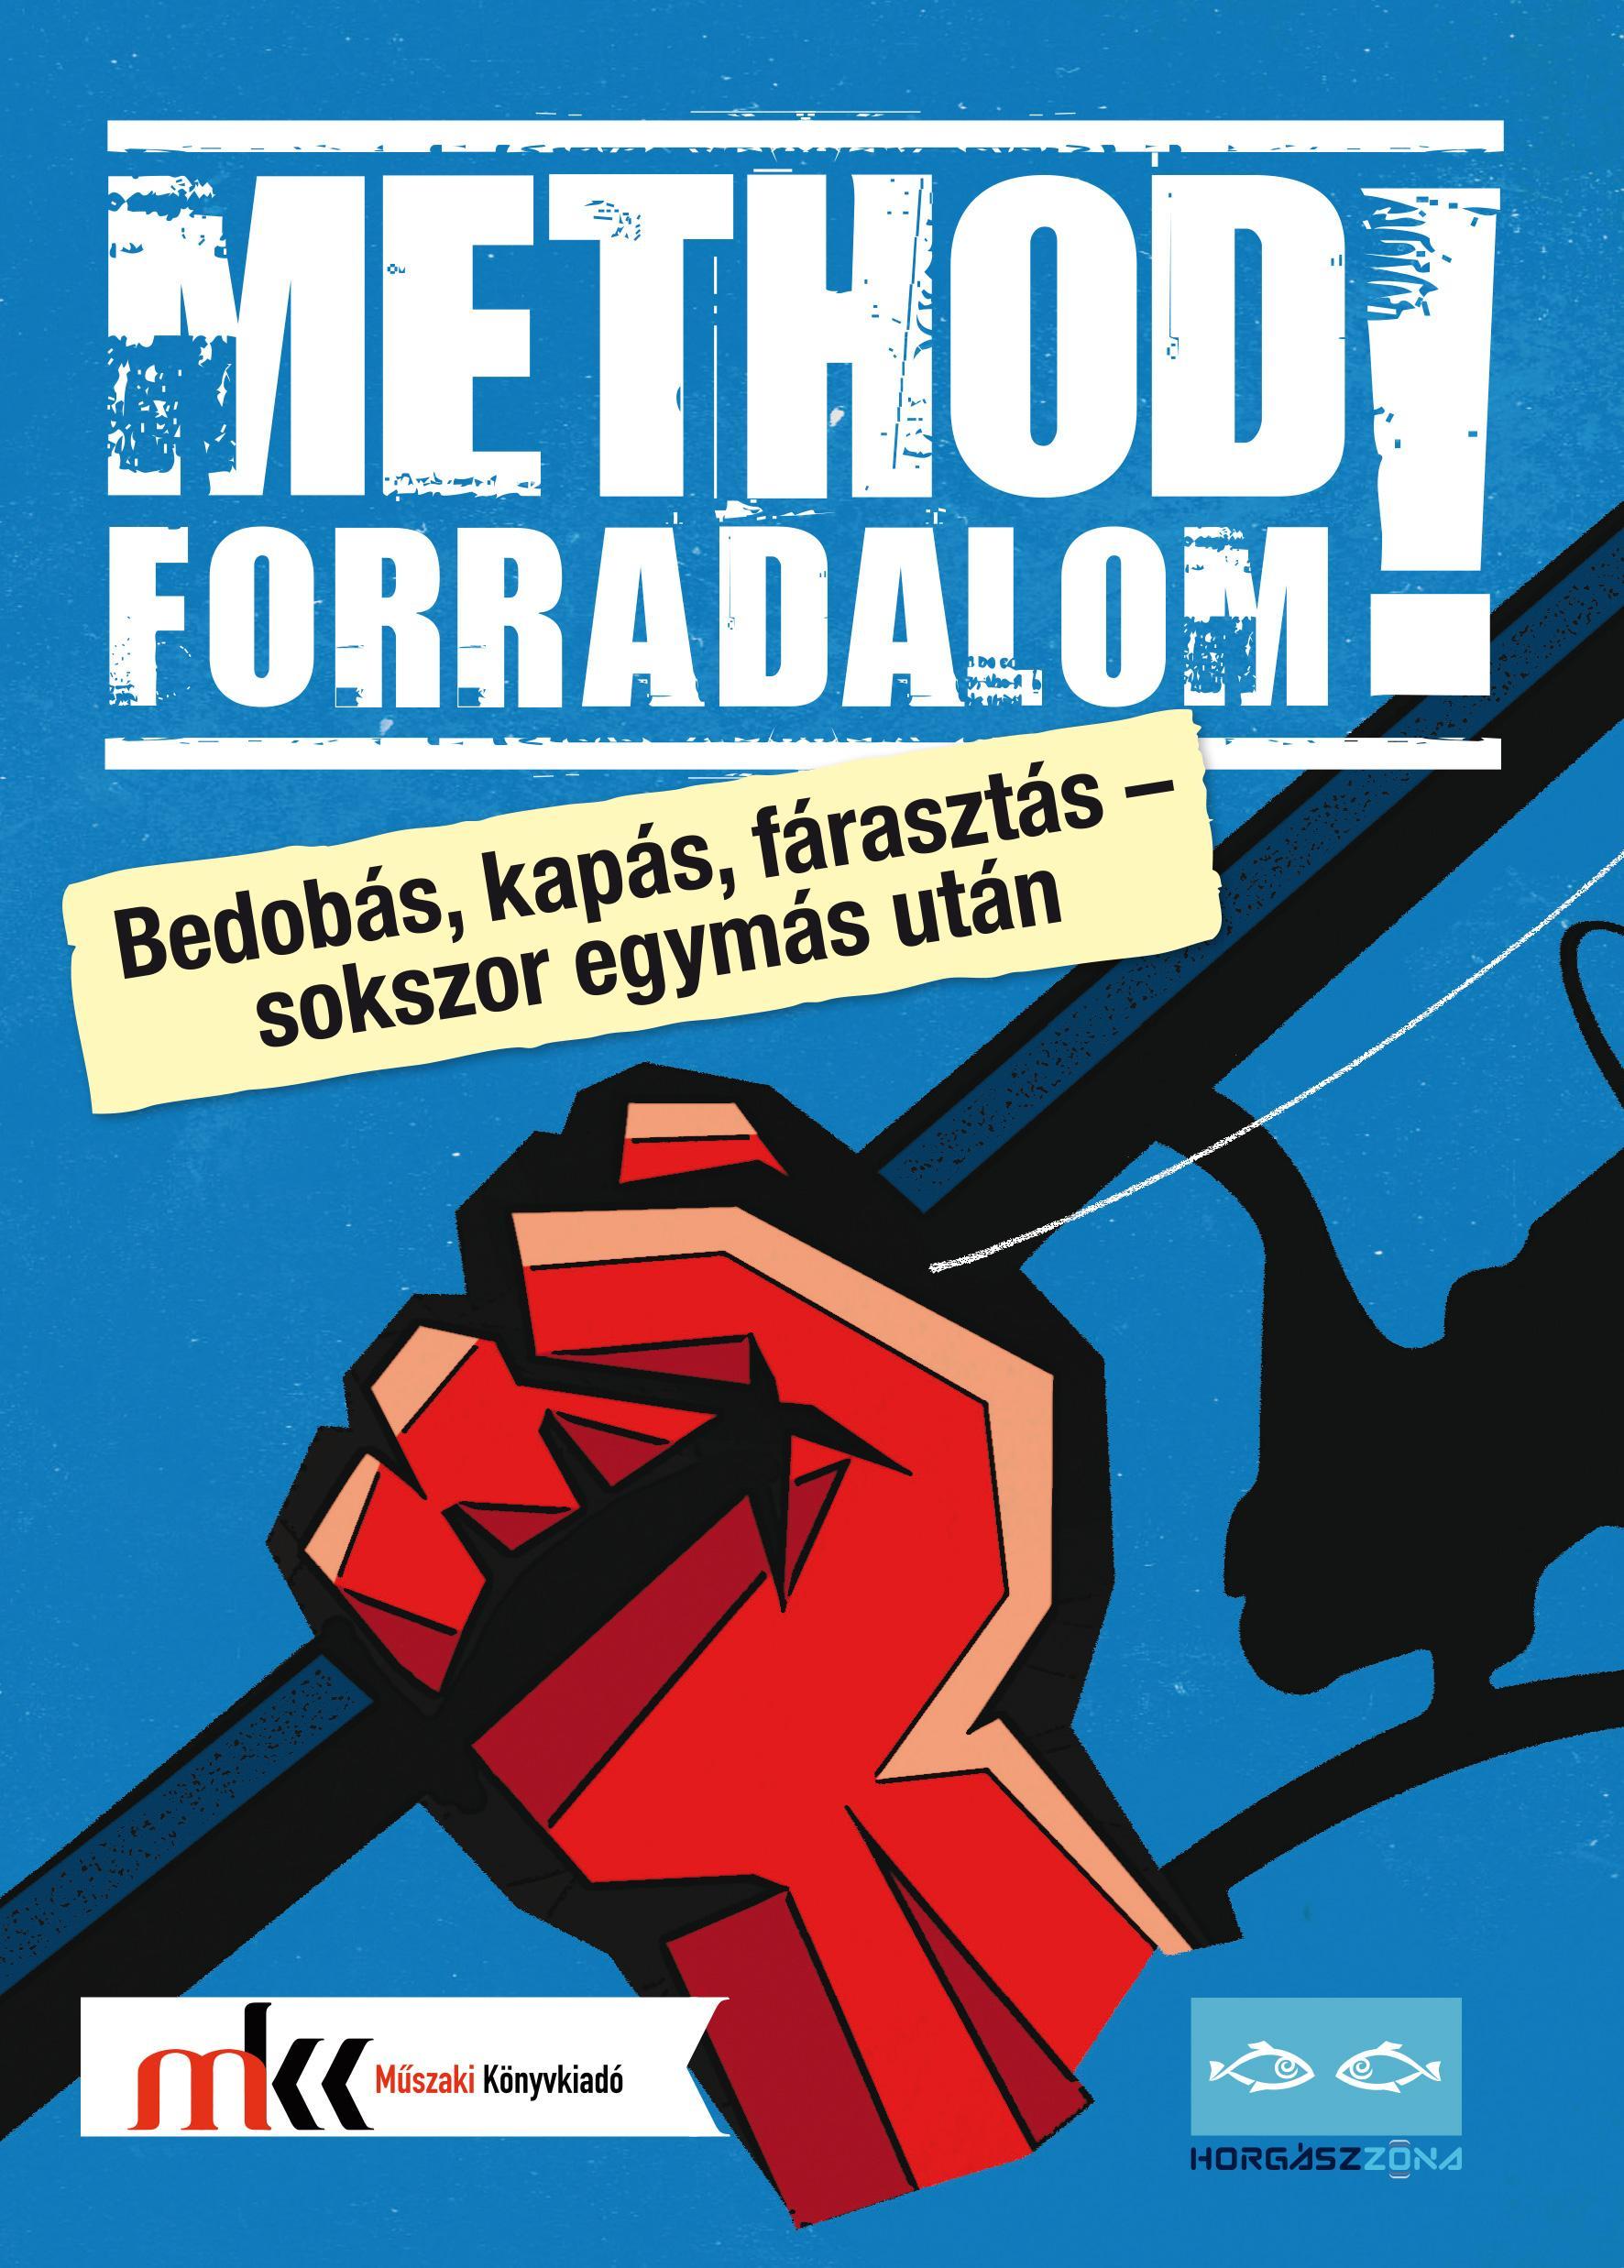 METHOD FORRADALOM! - BEDOBÁS, KAPÁS, FÁRASZTÁS – SOKSZOR EGYMÁS UTÁN